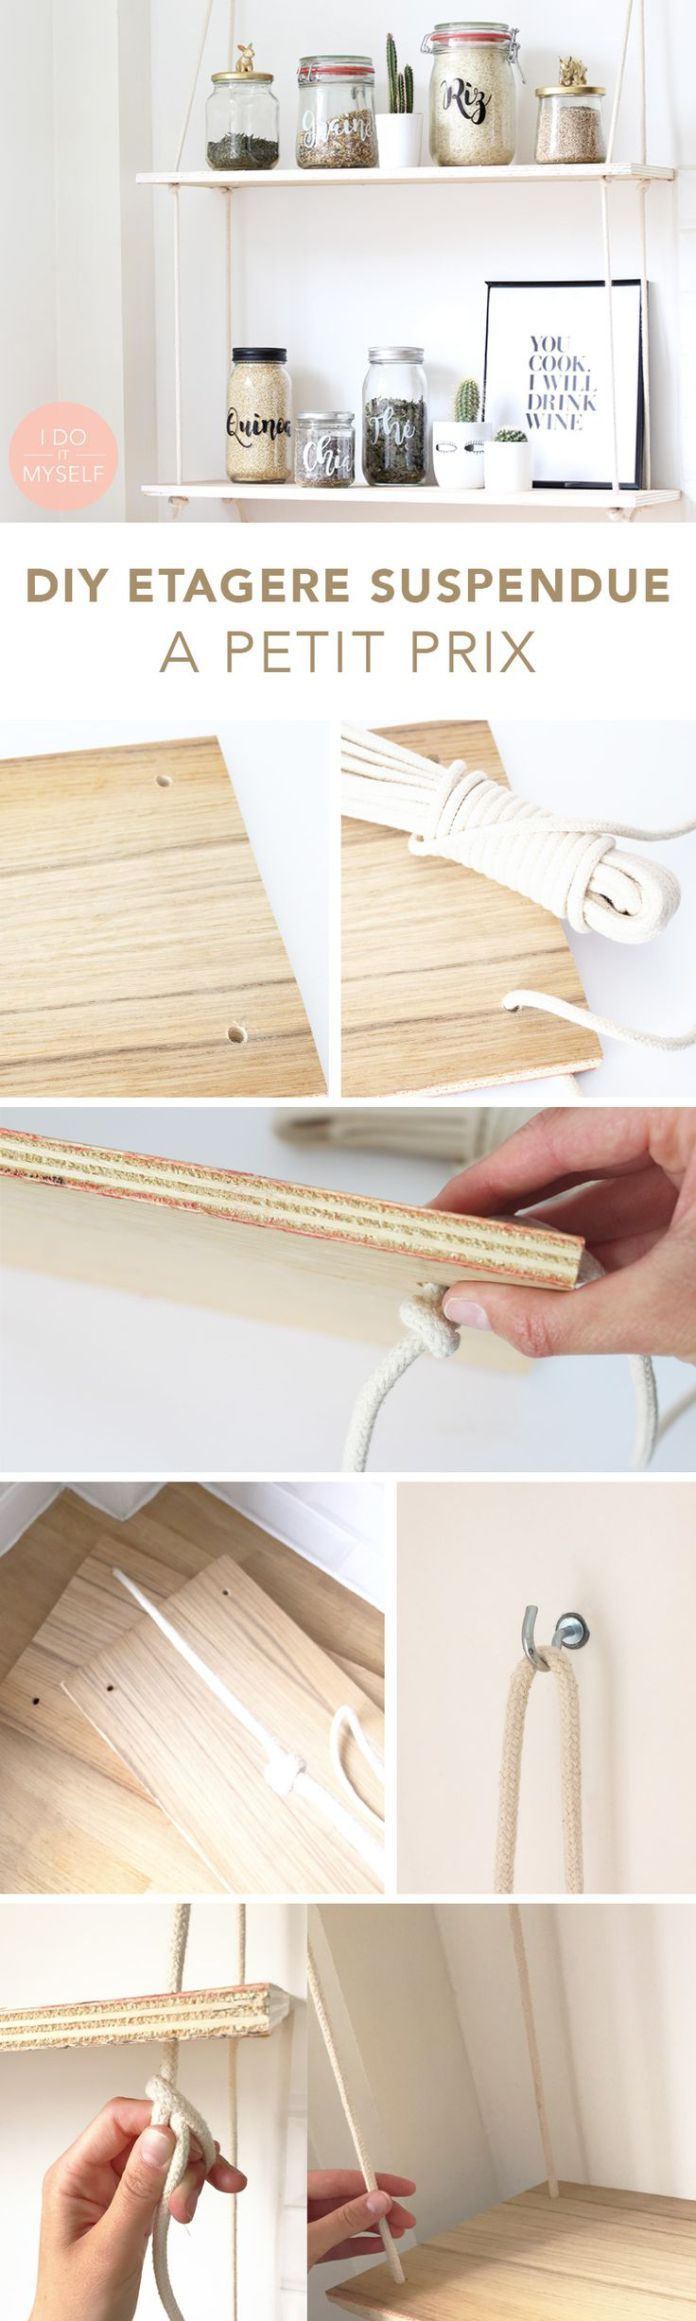 DIY Shelves Ideas : ETAGERE SUSPENDUE FACILE ET PAS CHER! Suivez le tutoriel pour réaliser cette jo